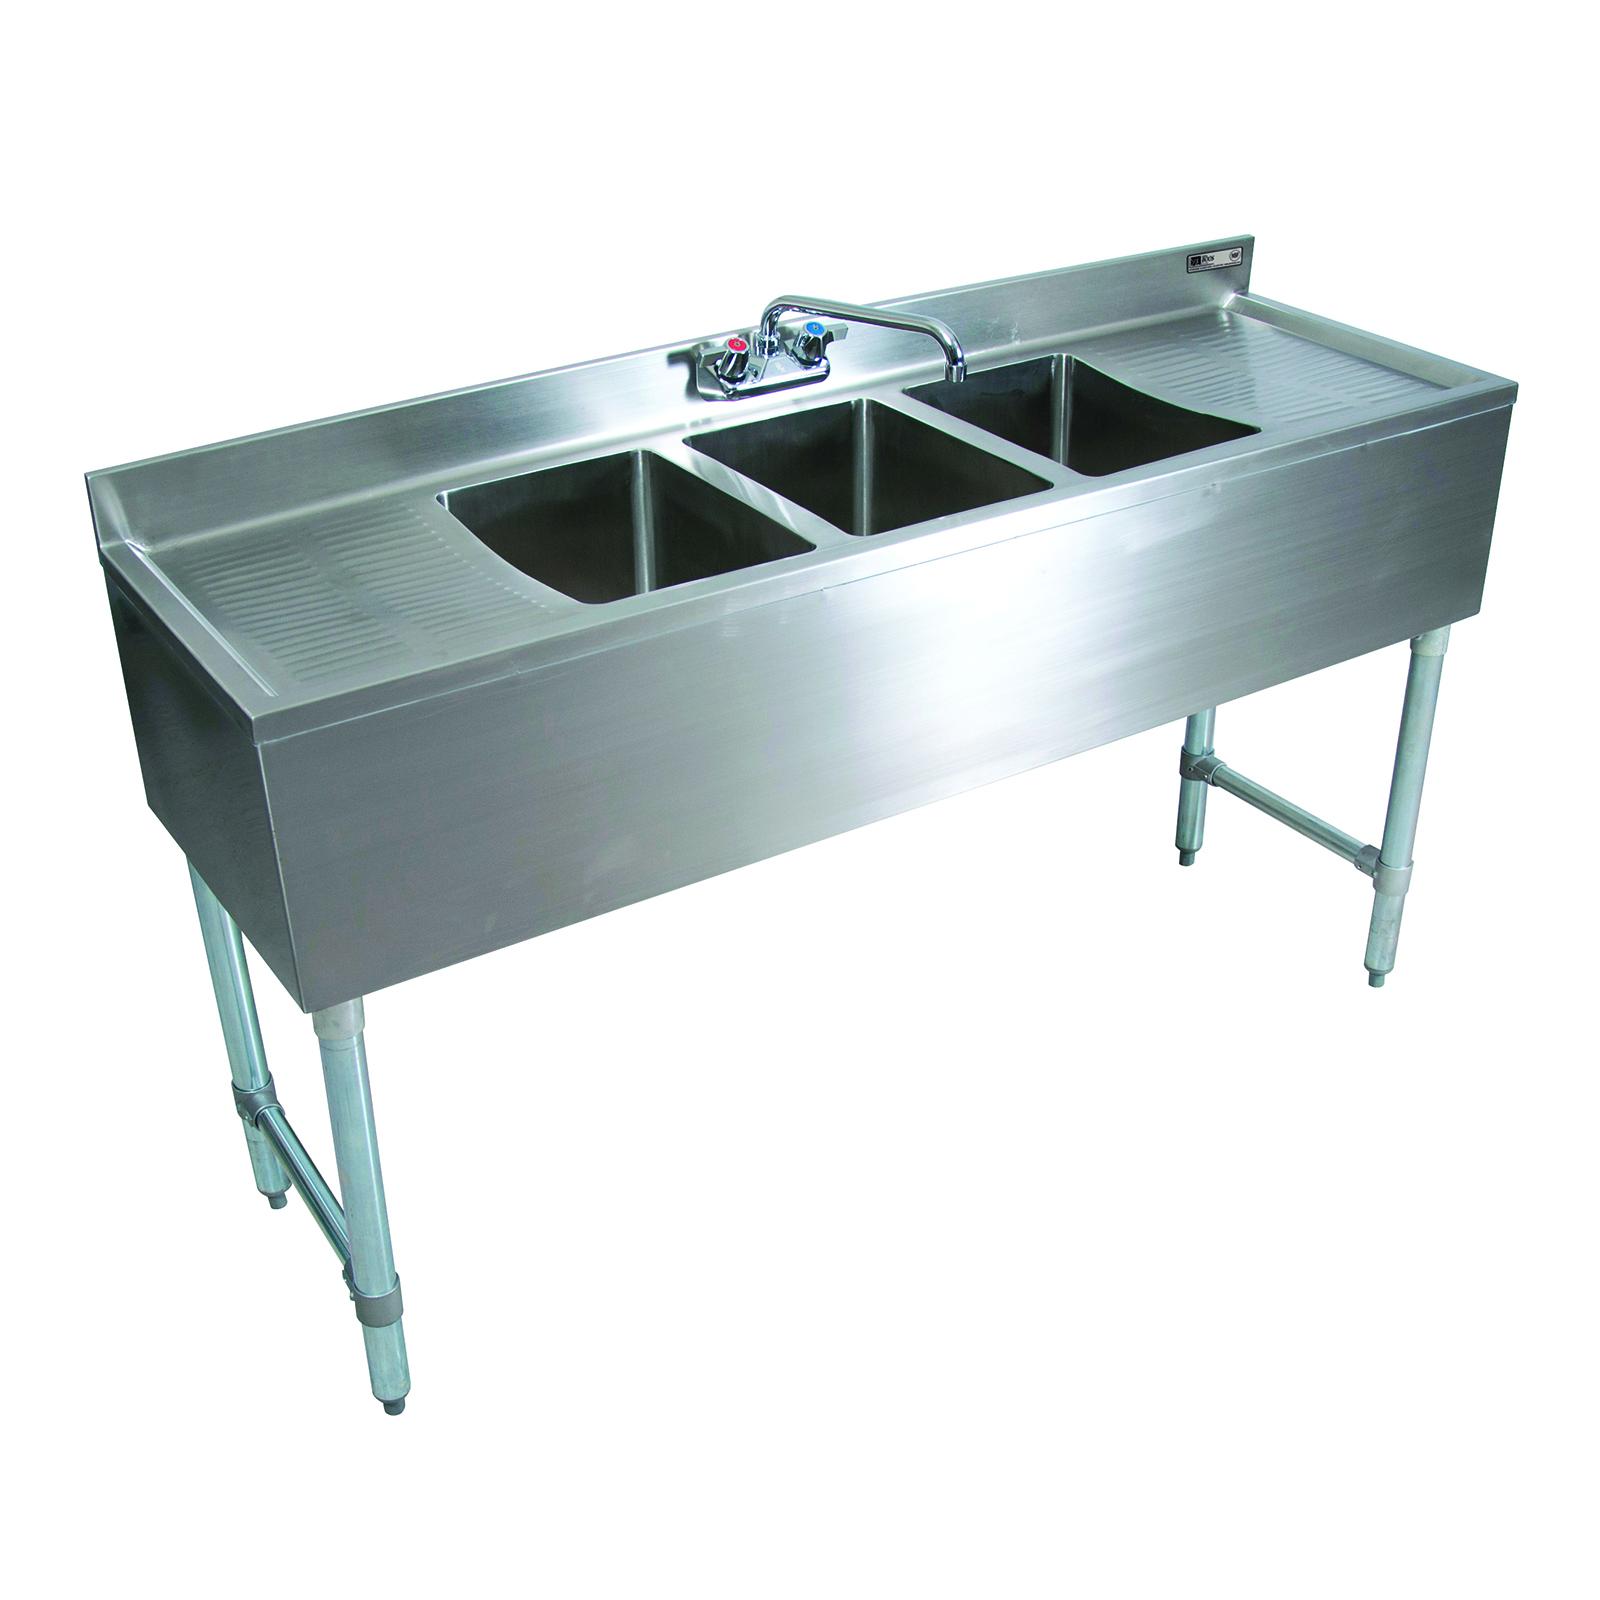 John Boos EUB4S72-2D underbar sink units